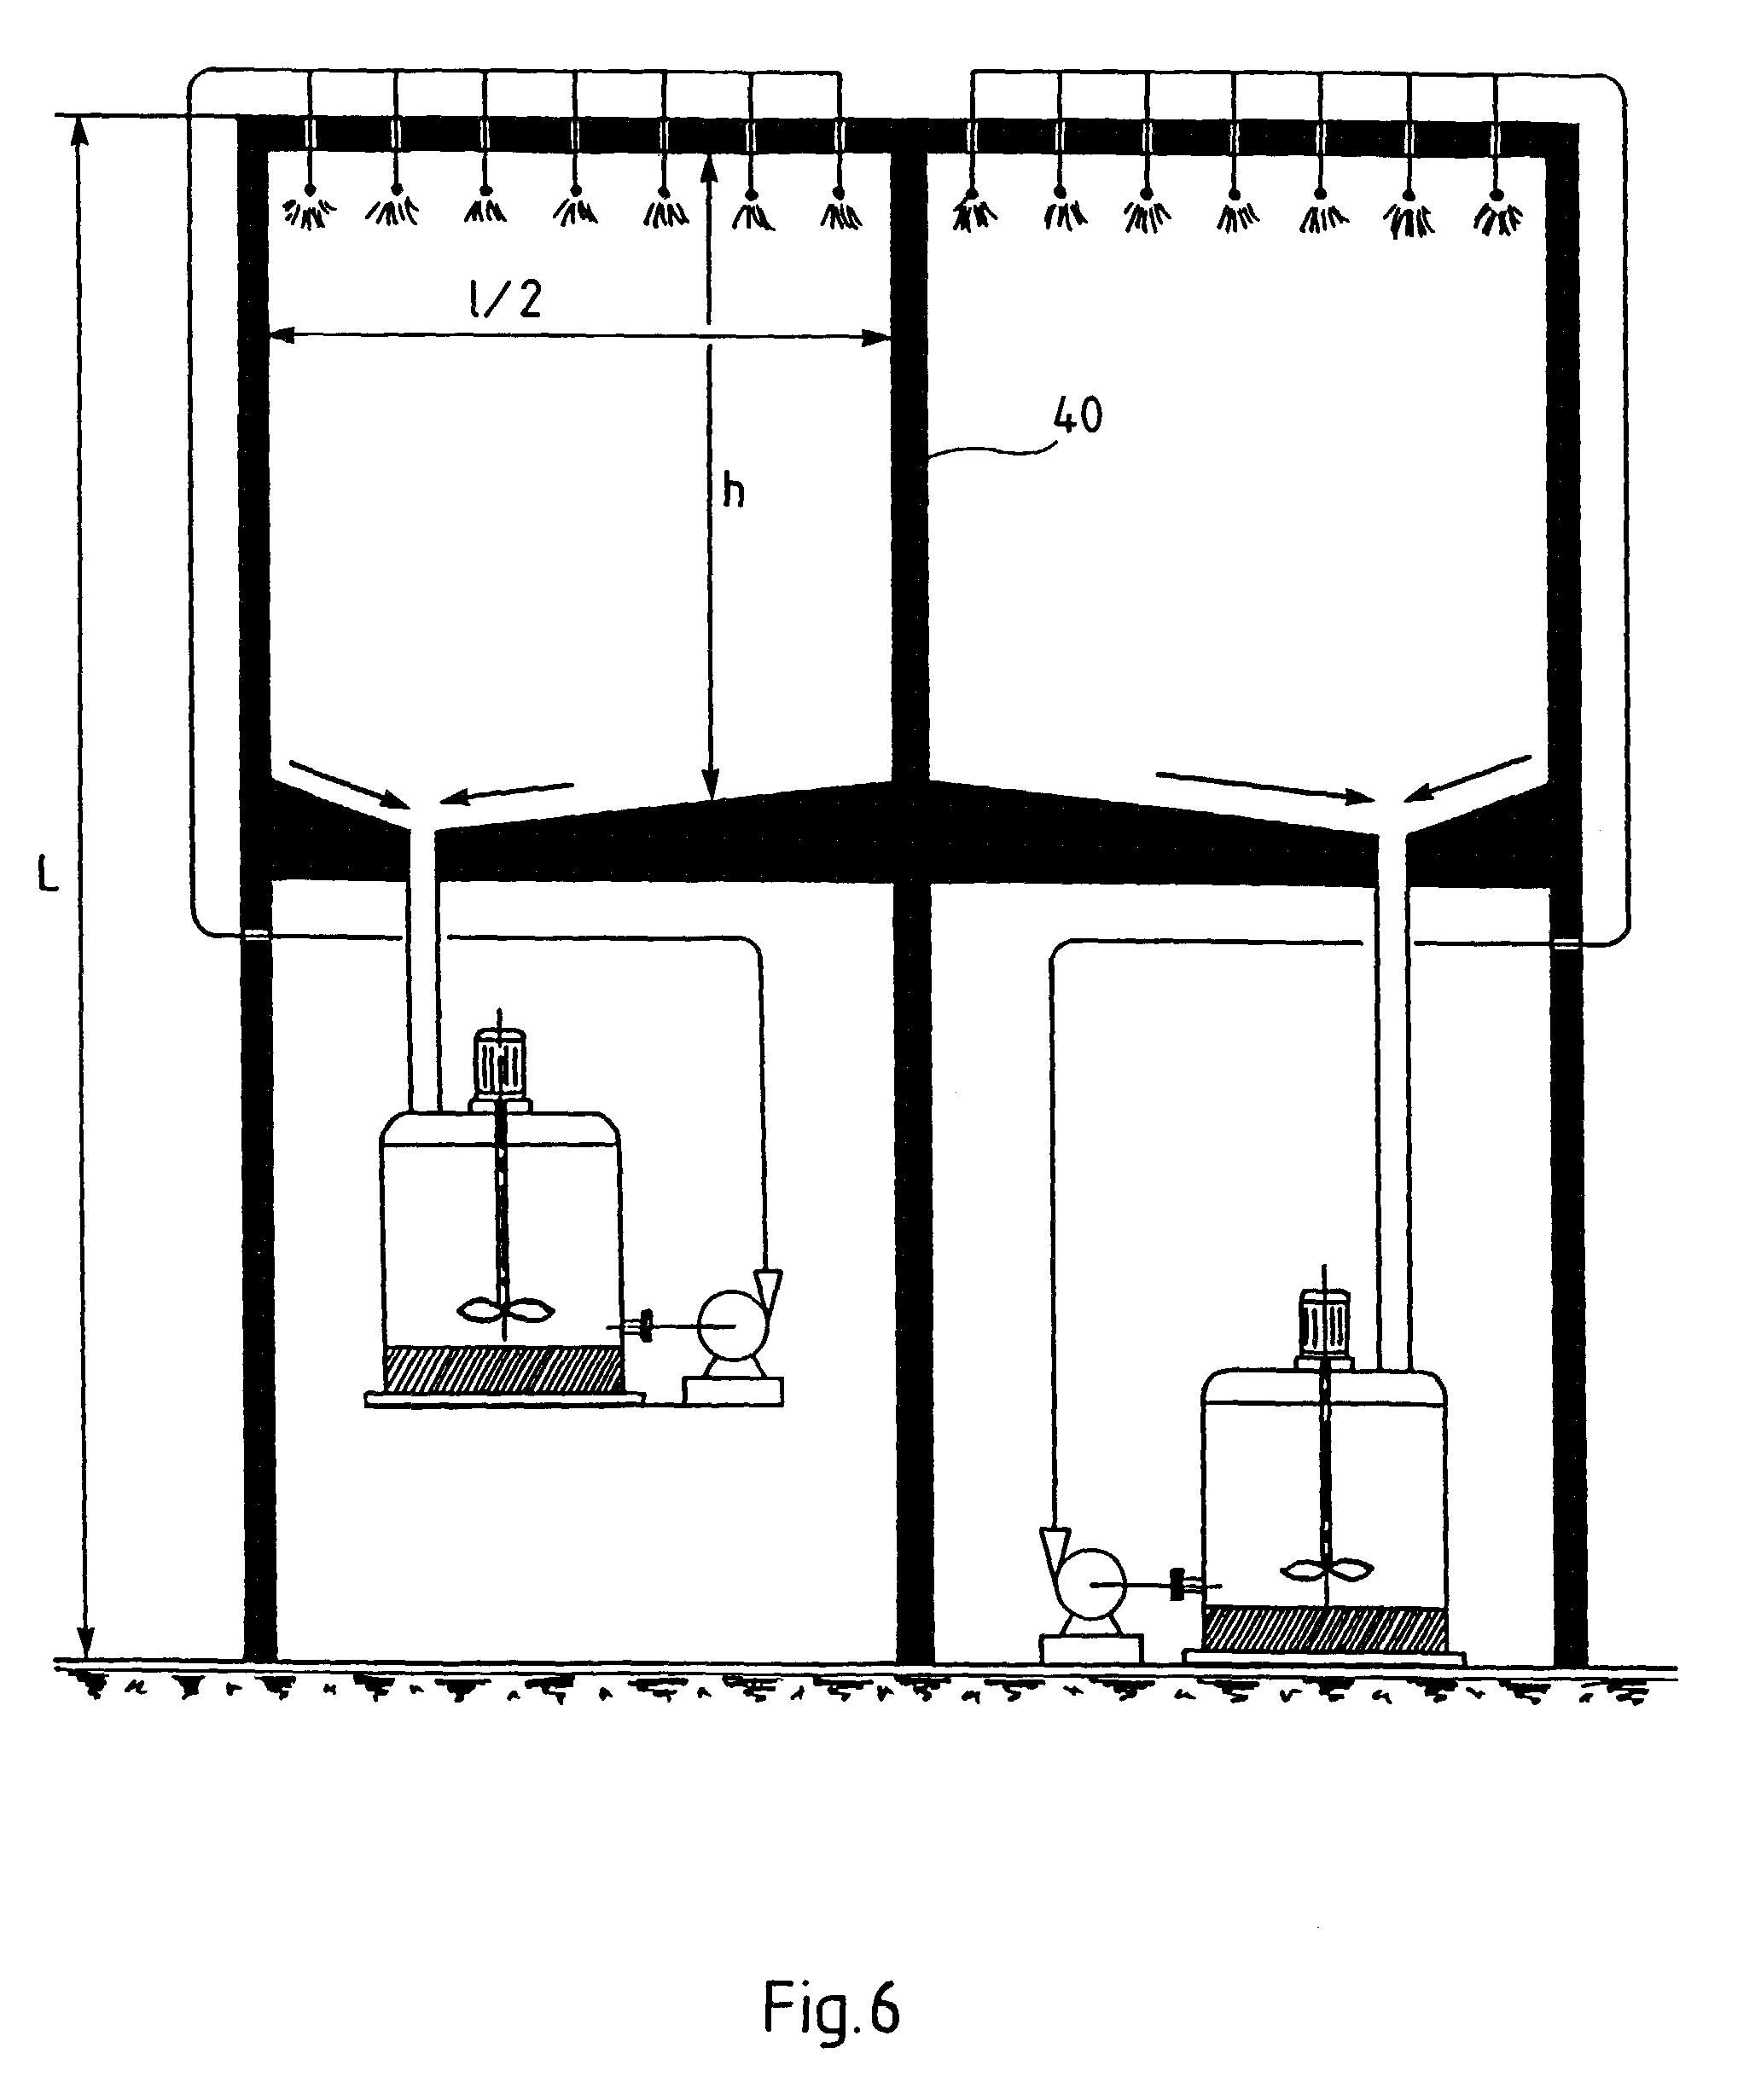 patent ep0745421a1 epurateur de fum e par flux crois. Black Bedroom Furniture Sets. Home Design Ideas